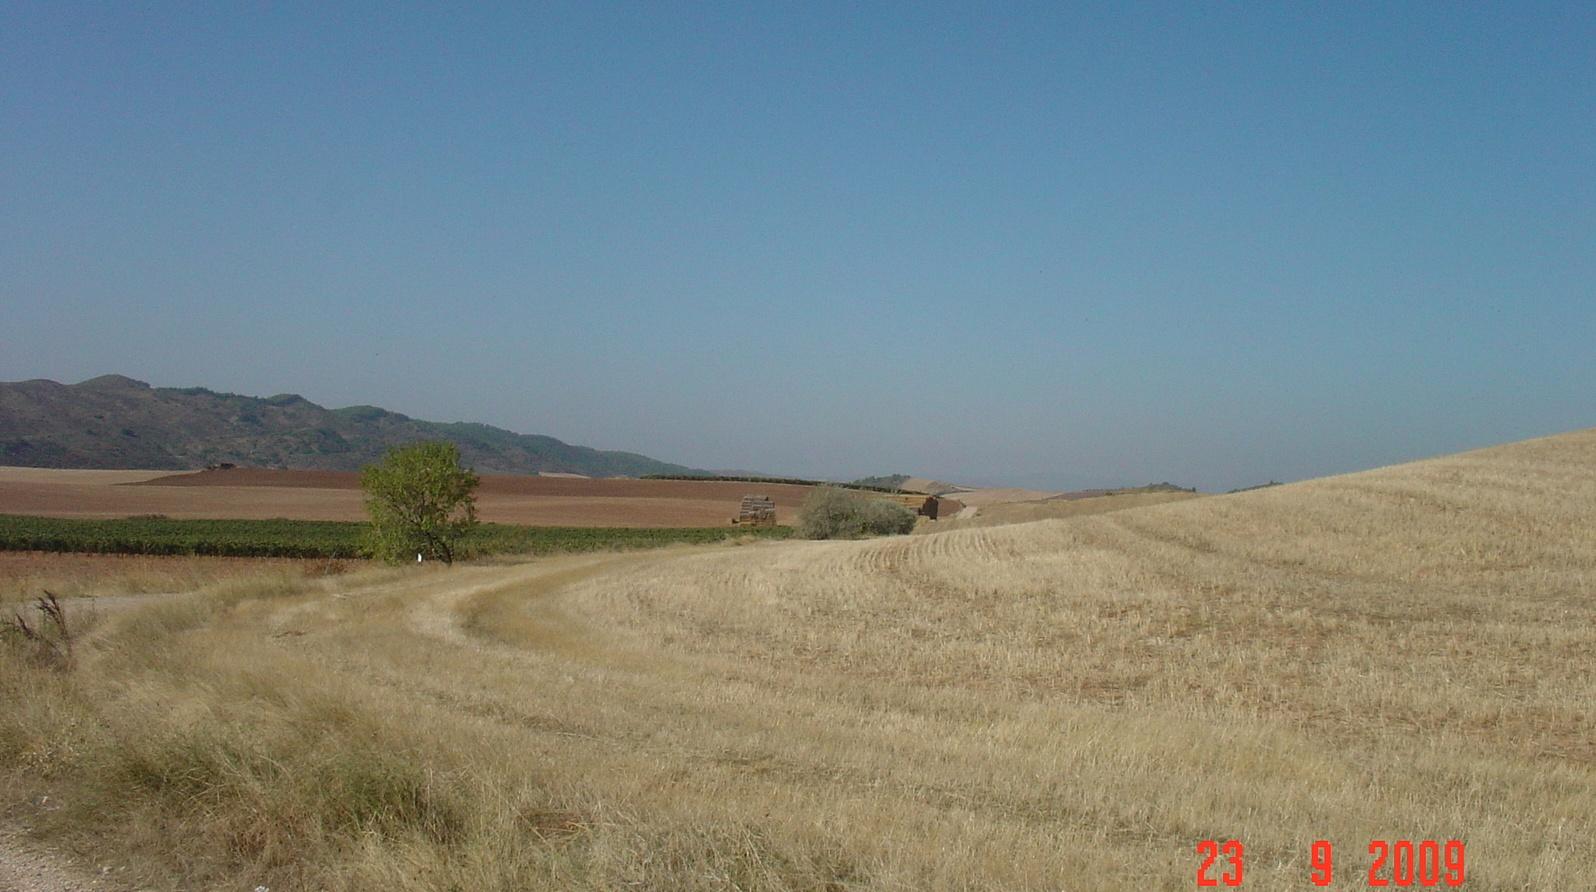 unendliche Weite, abgeernte Felder